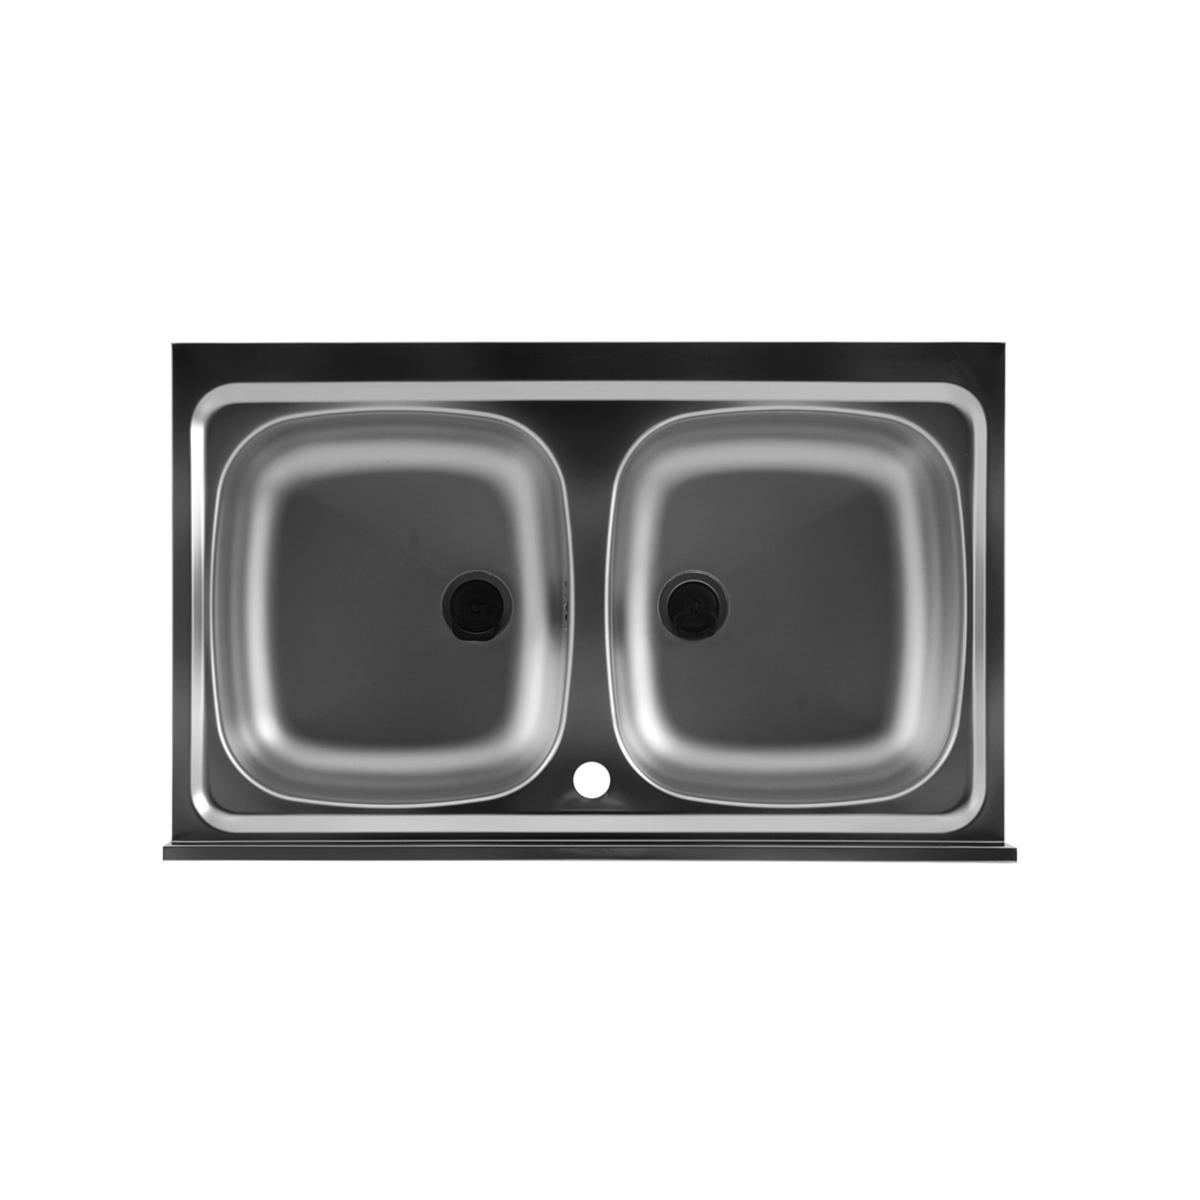 Lavello inox 90x50 con doppia vasca - Lavandino doppia vasca cucina ...